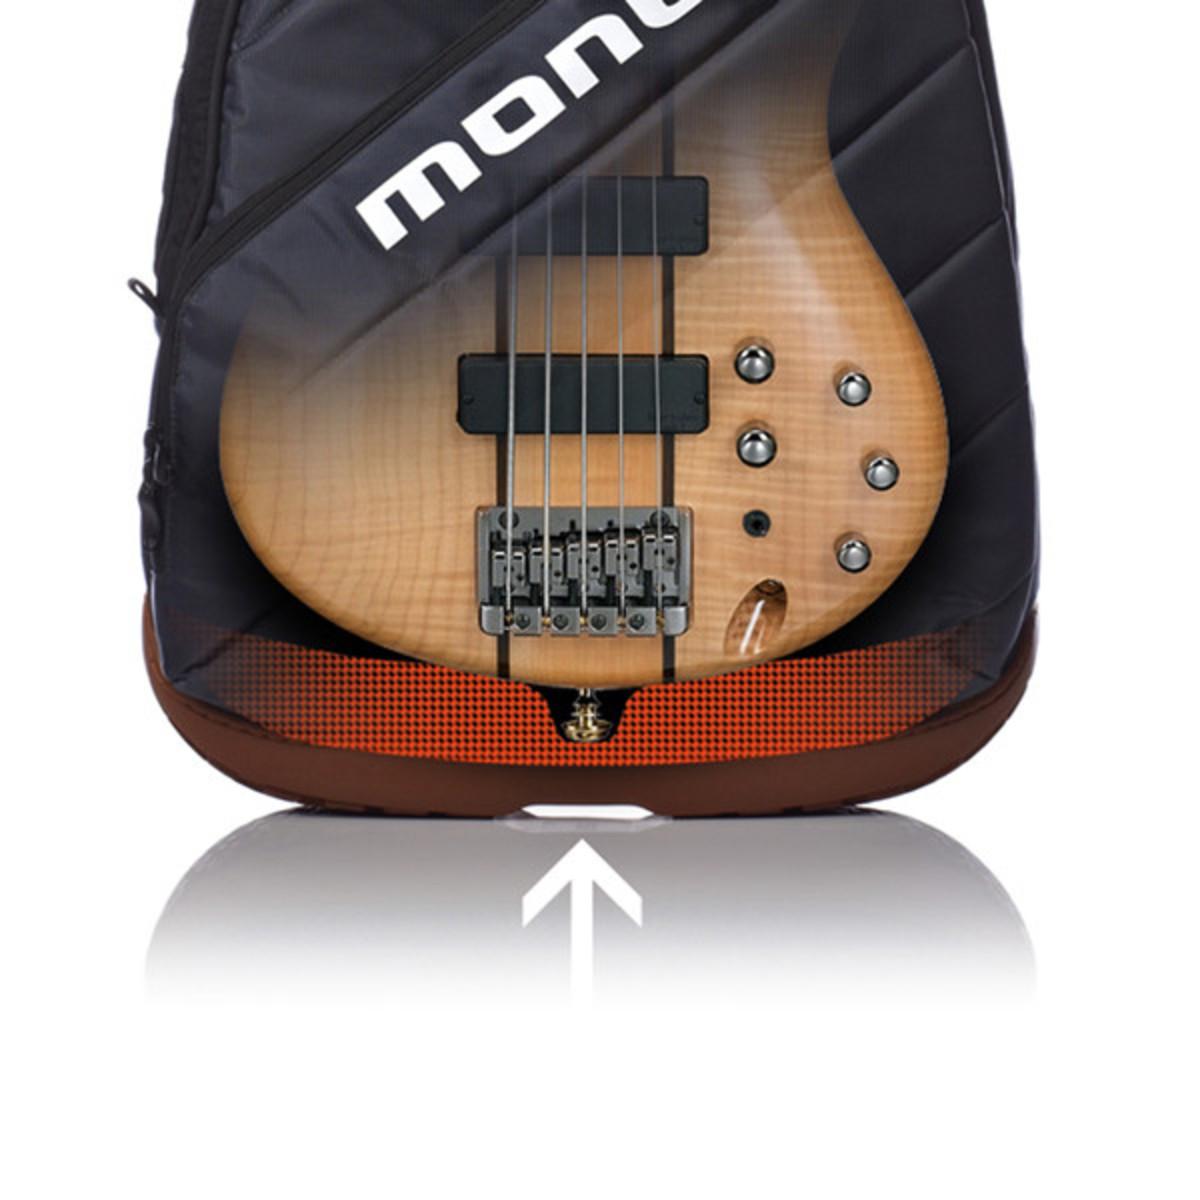 mono m80 vertigo bass gig bag grey at gear4music. Black Bedroom Furniture Sets. Home Design Ideas